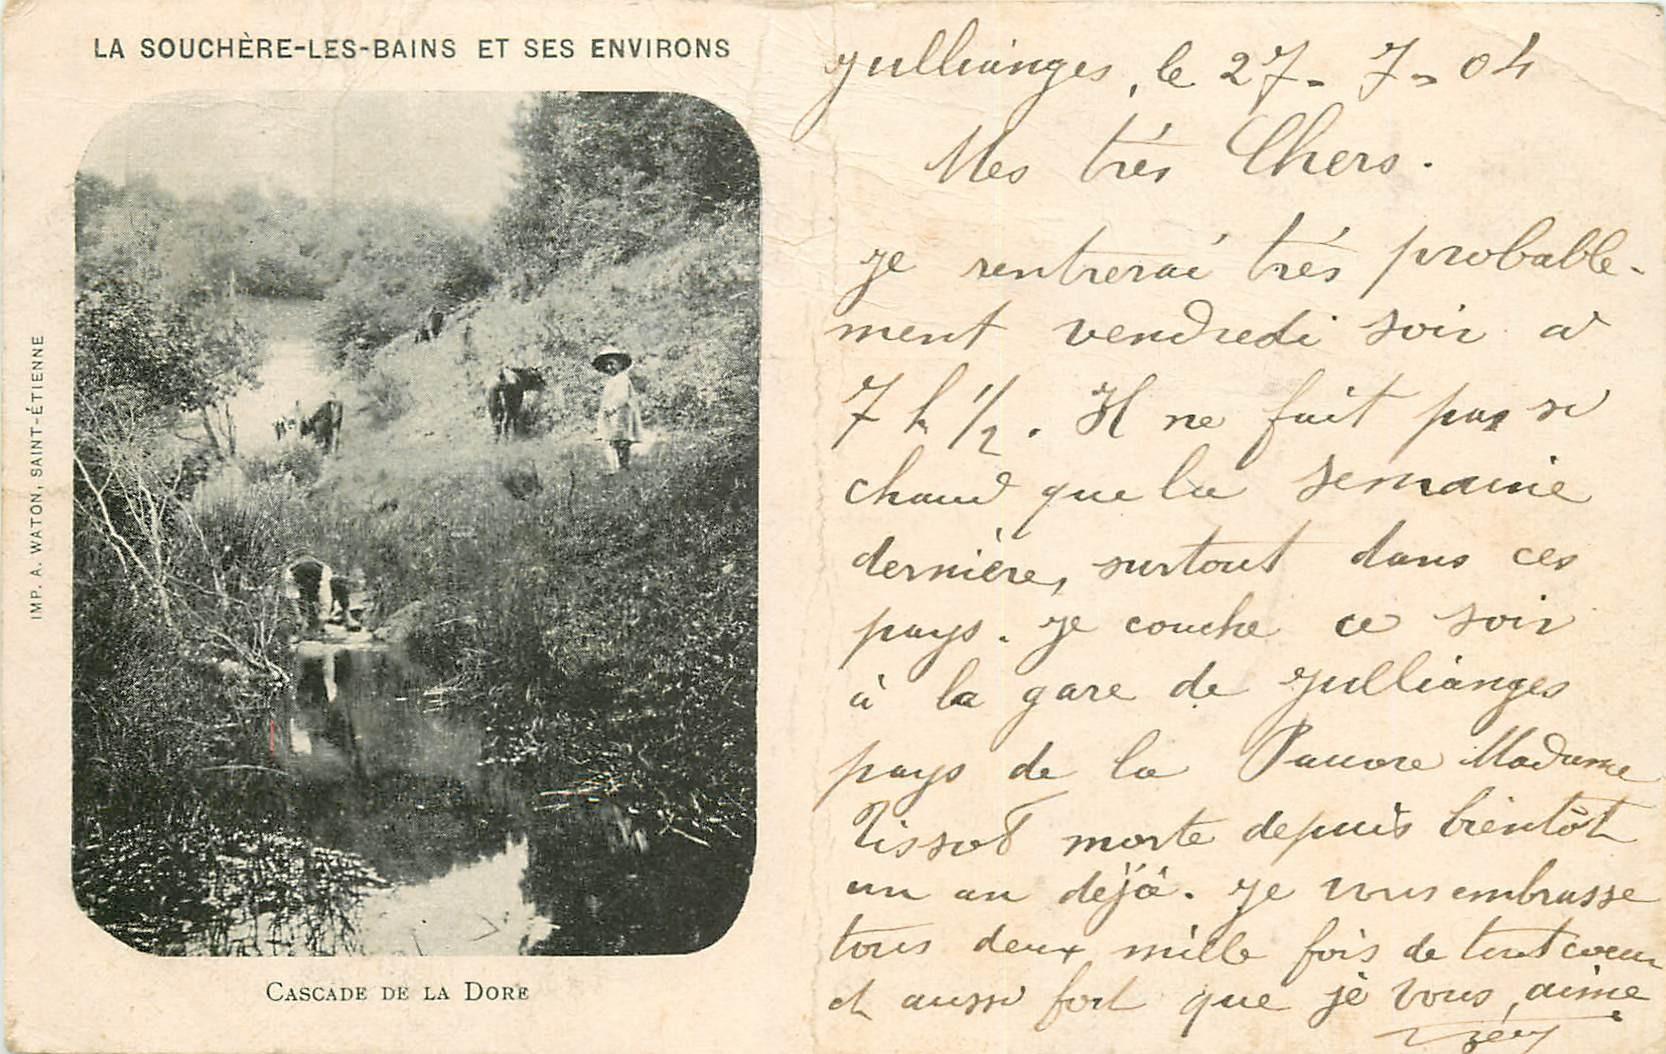 WW 43 LA SOUCHERE-LES-BAINS. Cascade de la Dore 1904 animation